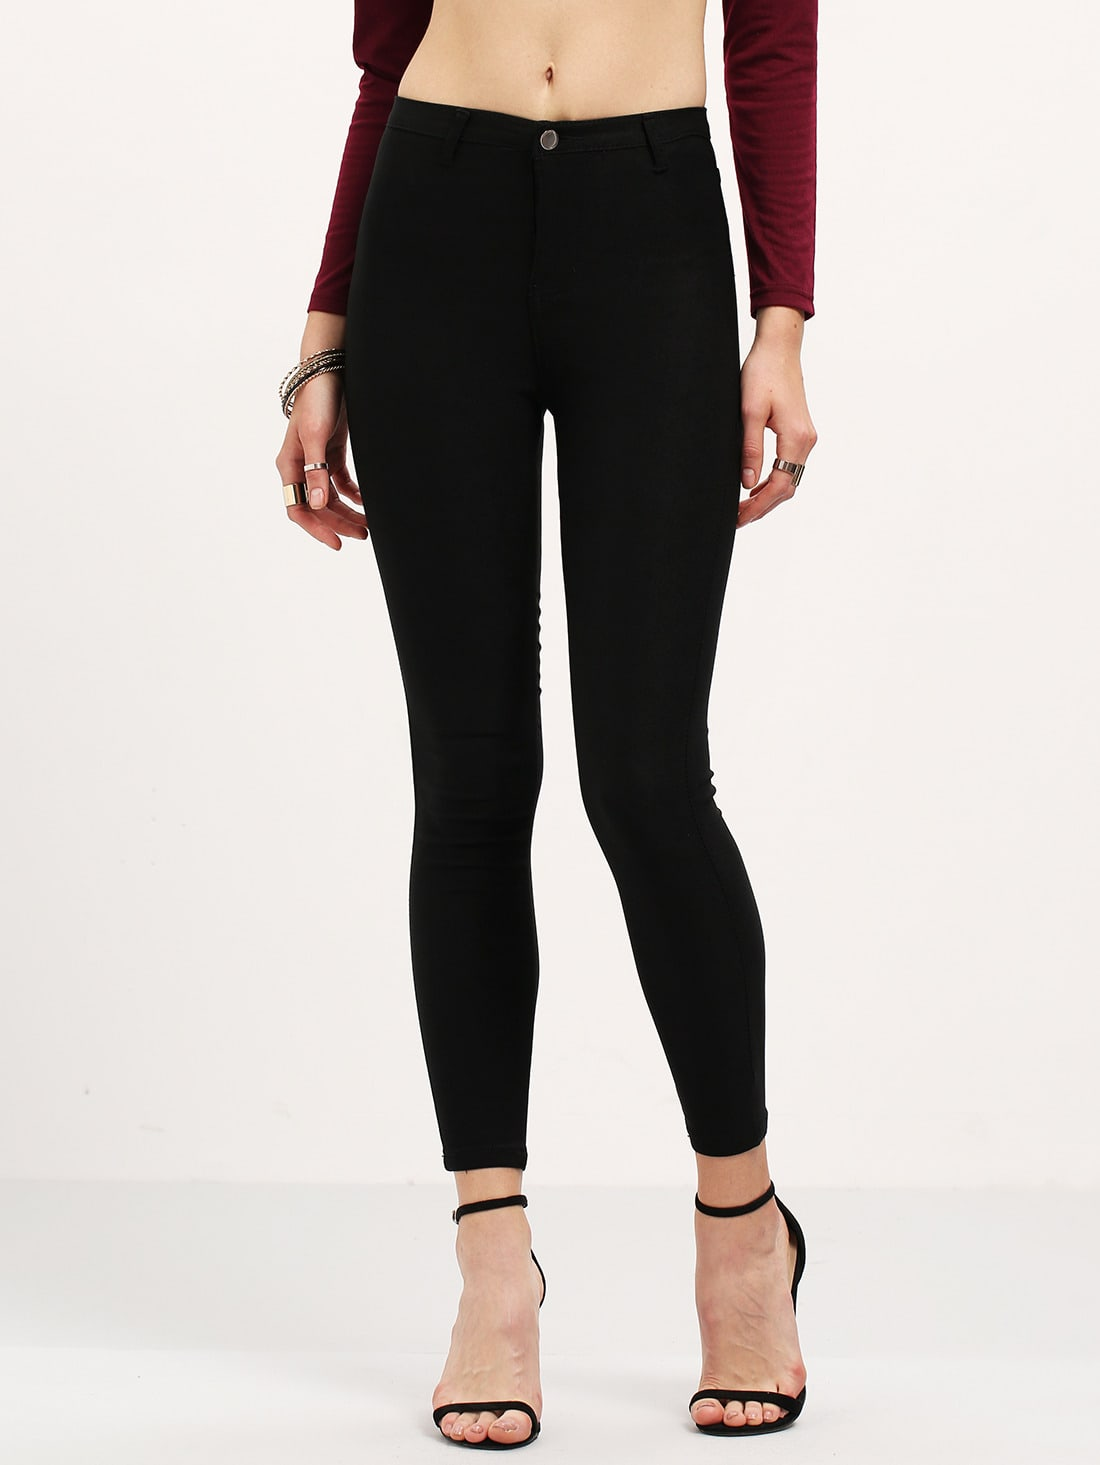 pantalon taille haute amincissant en denim noir french romwe. Black Bedroom Furniture Sets. Home Design Ideas